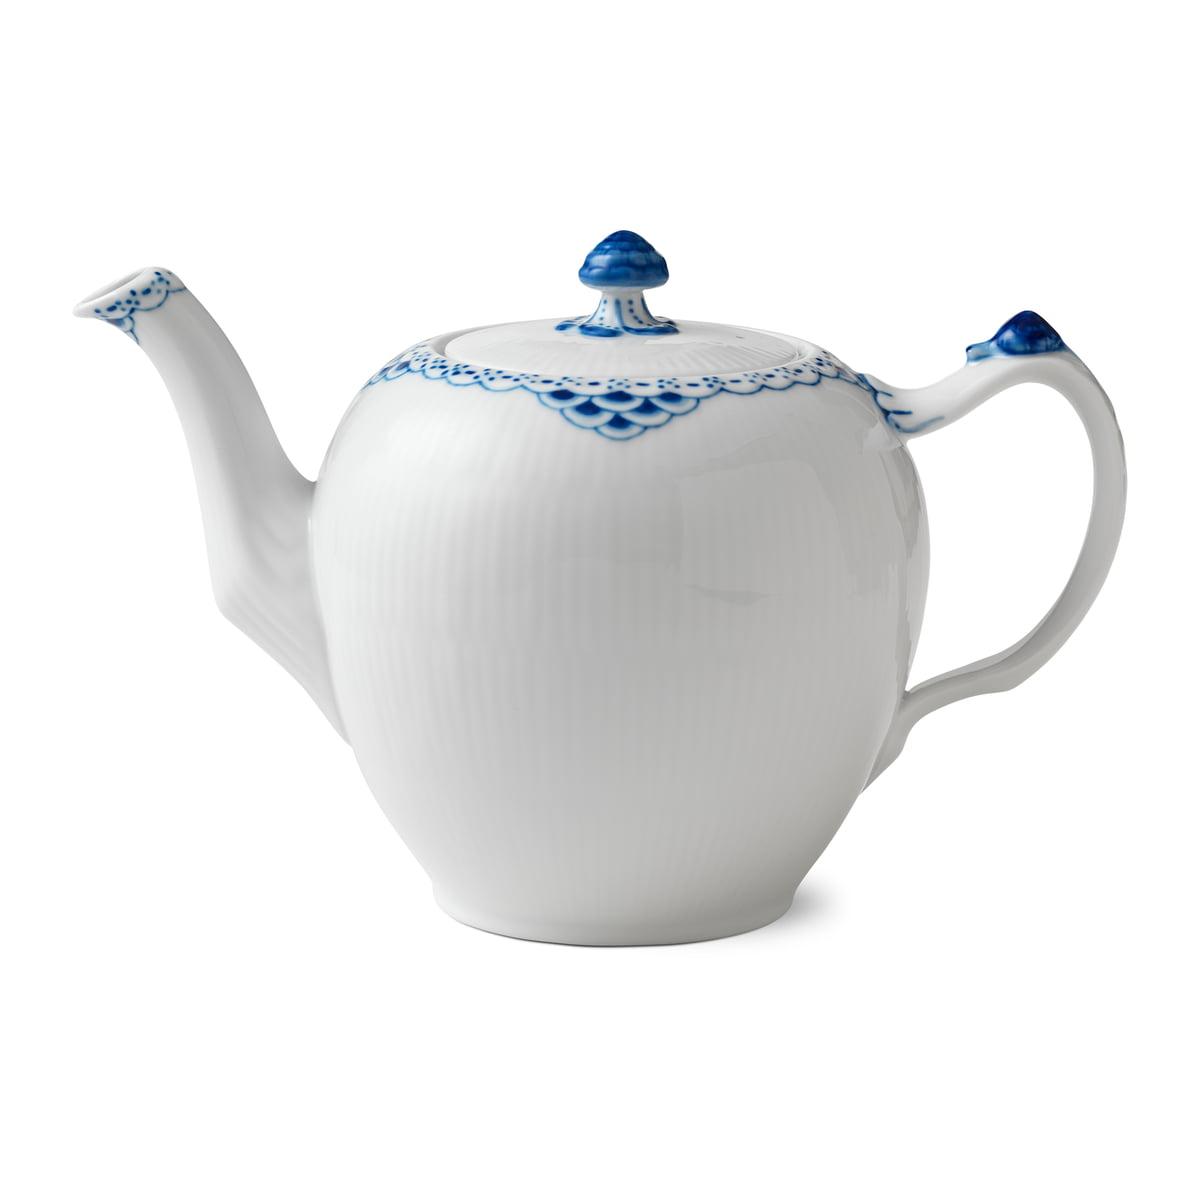 Royal Copenhagen - Prinzess Teekanne 1 l   Küche und Esszimmer > Kaffee und Tee   Blau/weiß   Royal Copenhagen